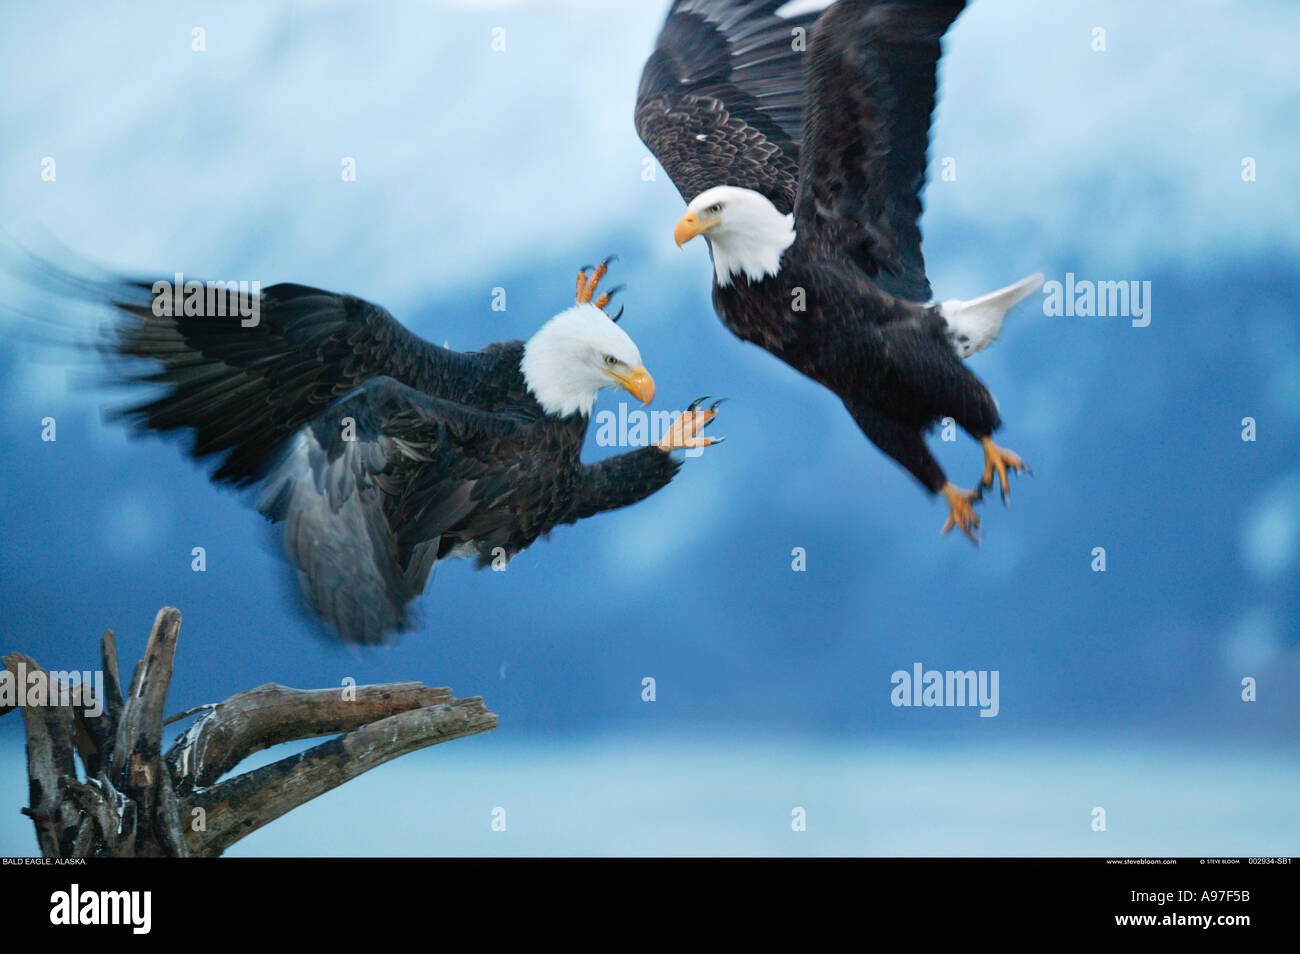 Las águilas cabeciblancas combates Alaska Imagen De Stock